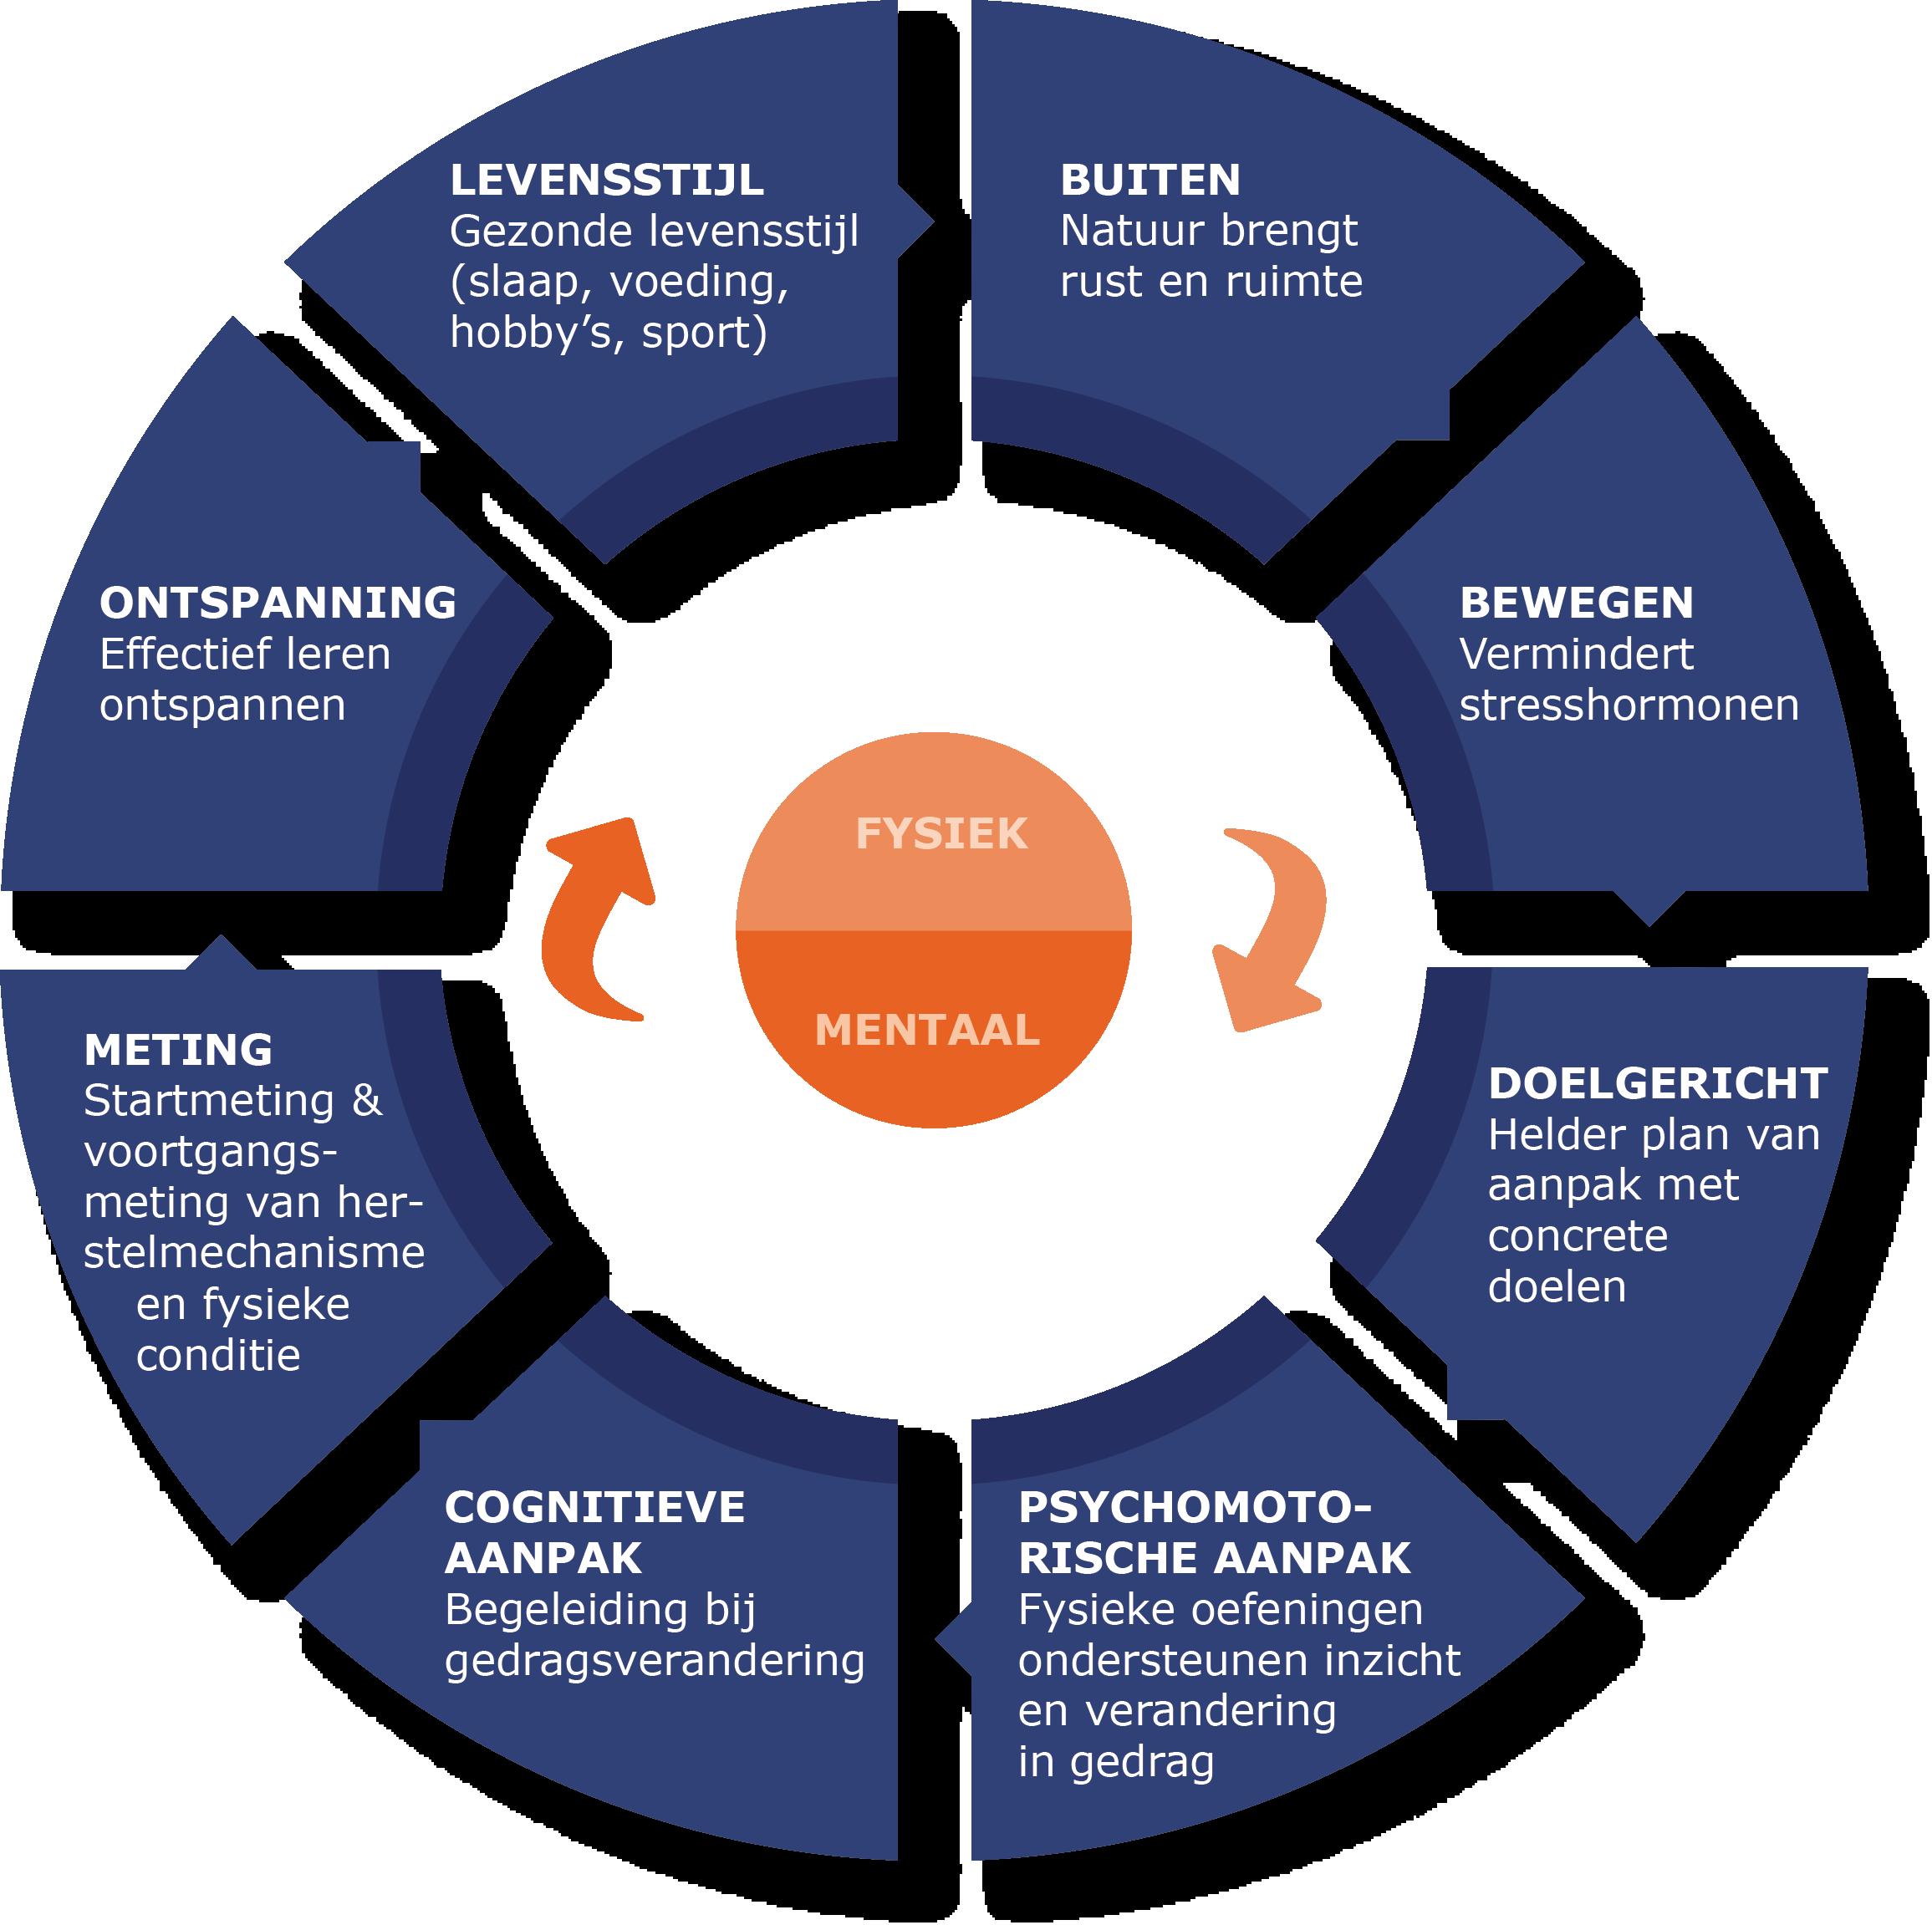 Methodiek Model Instatera.png